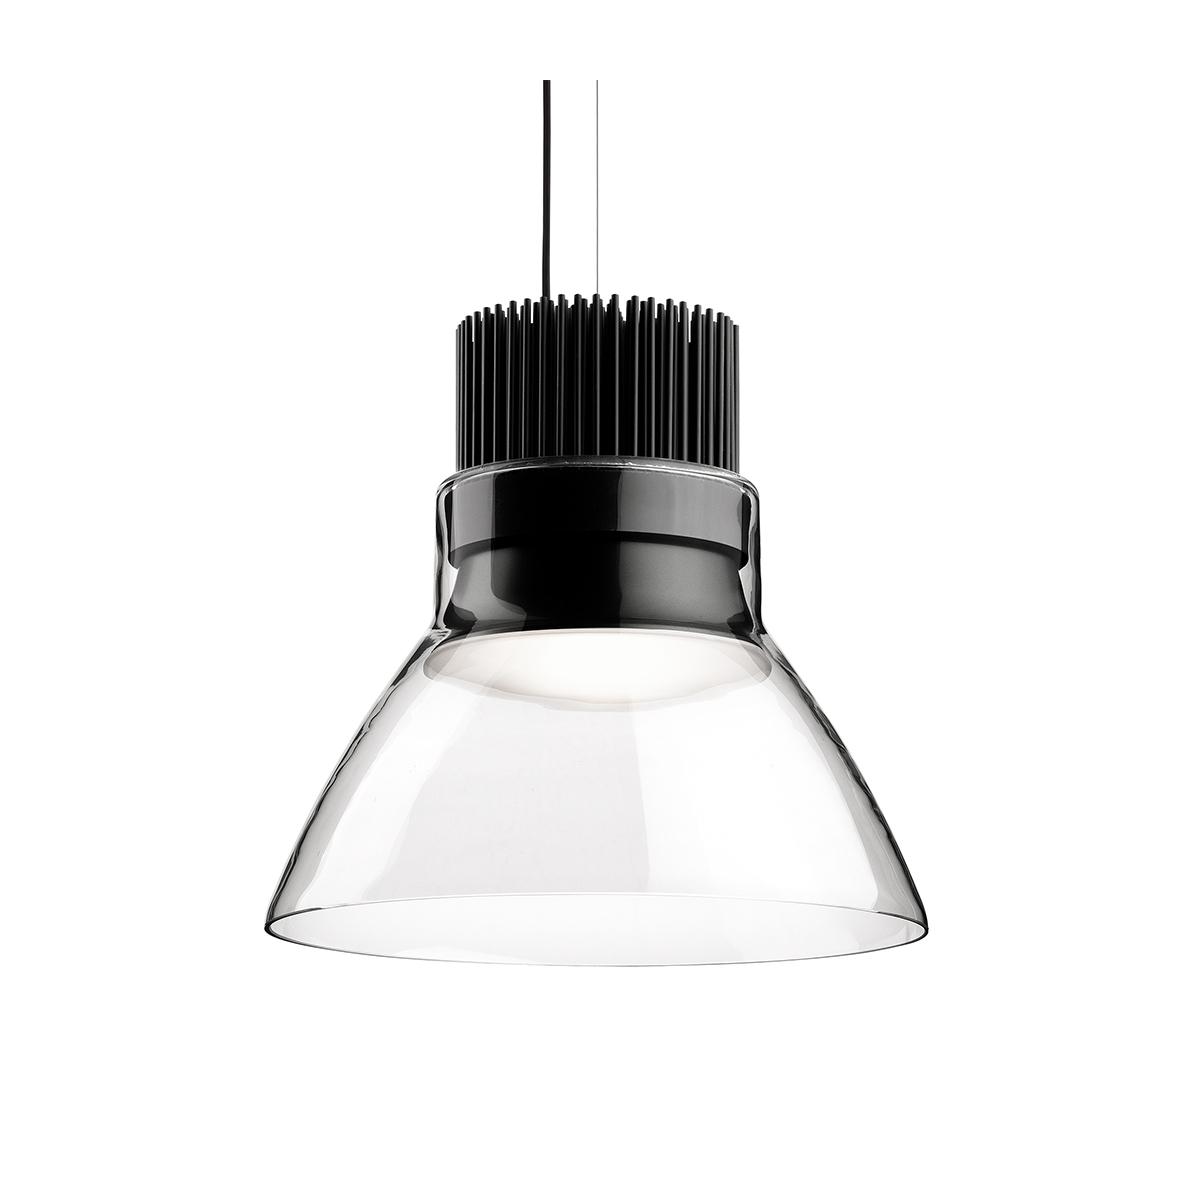 FLOS LIGHT BELL GLASS